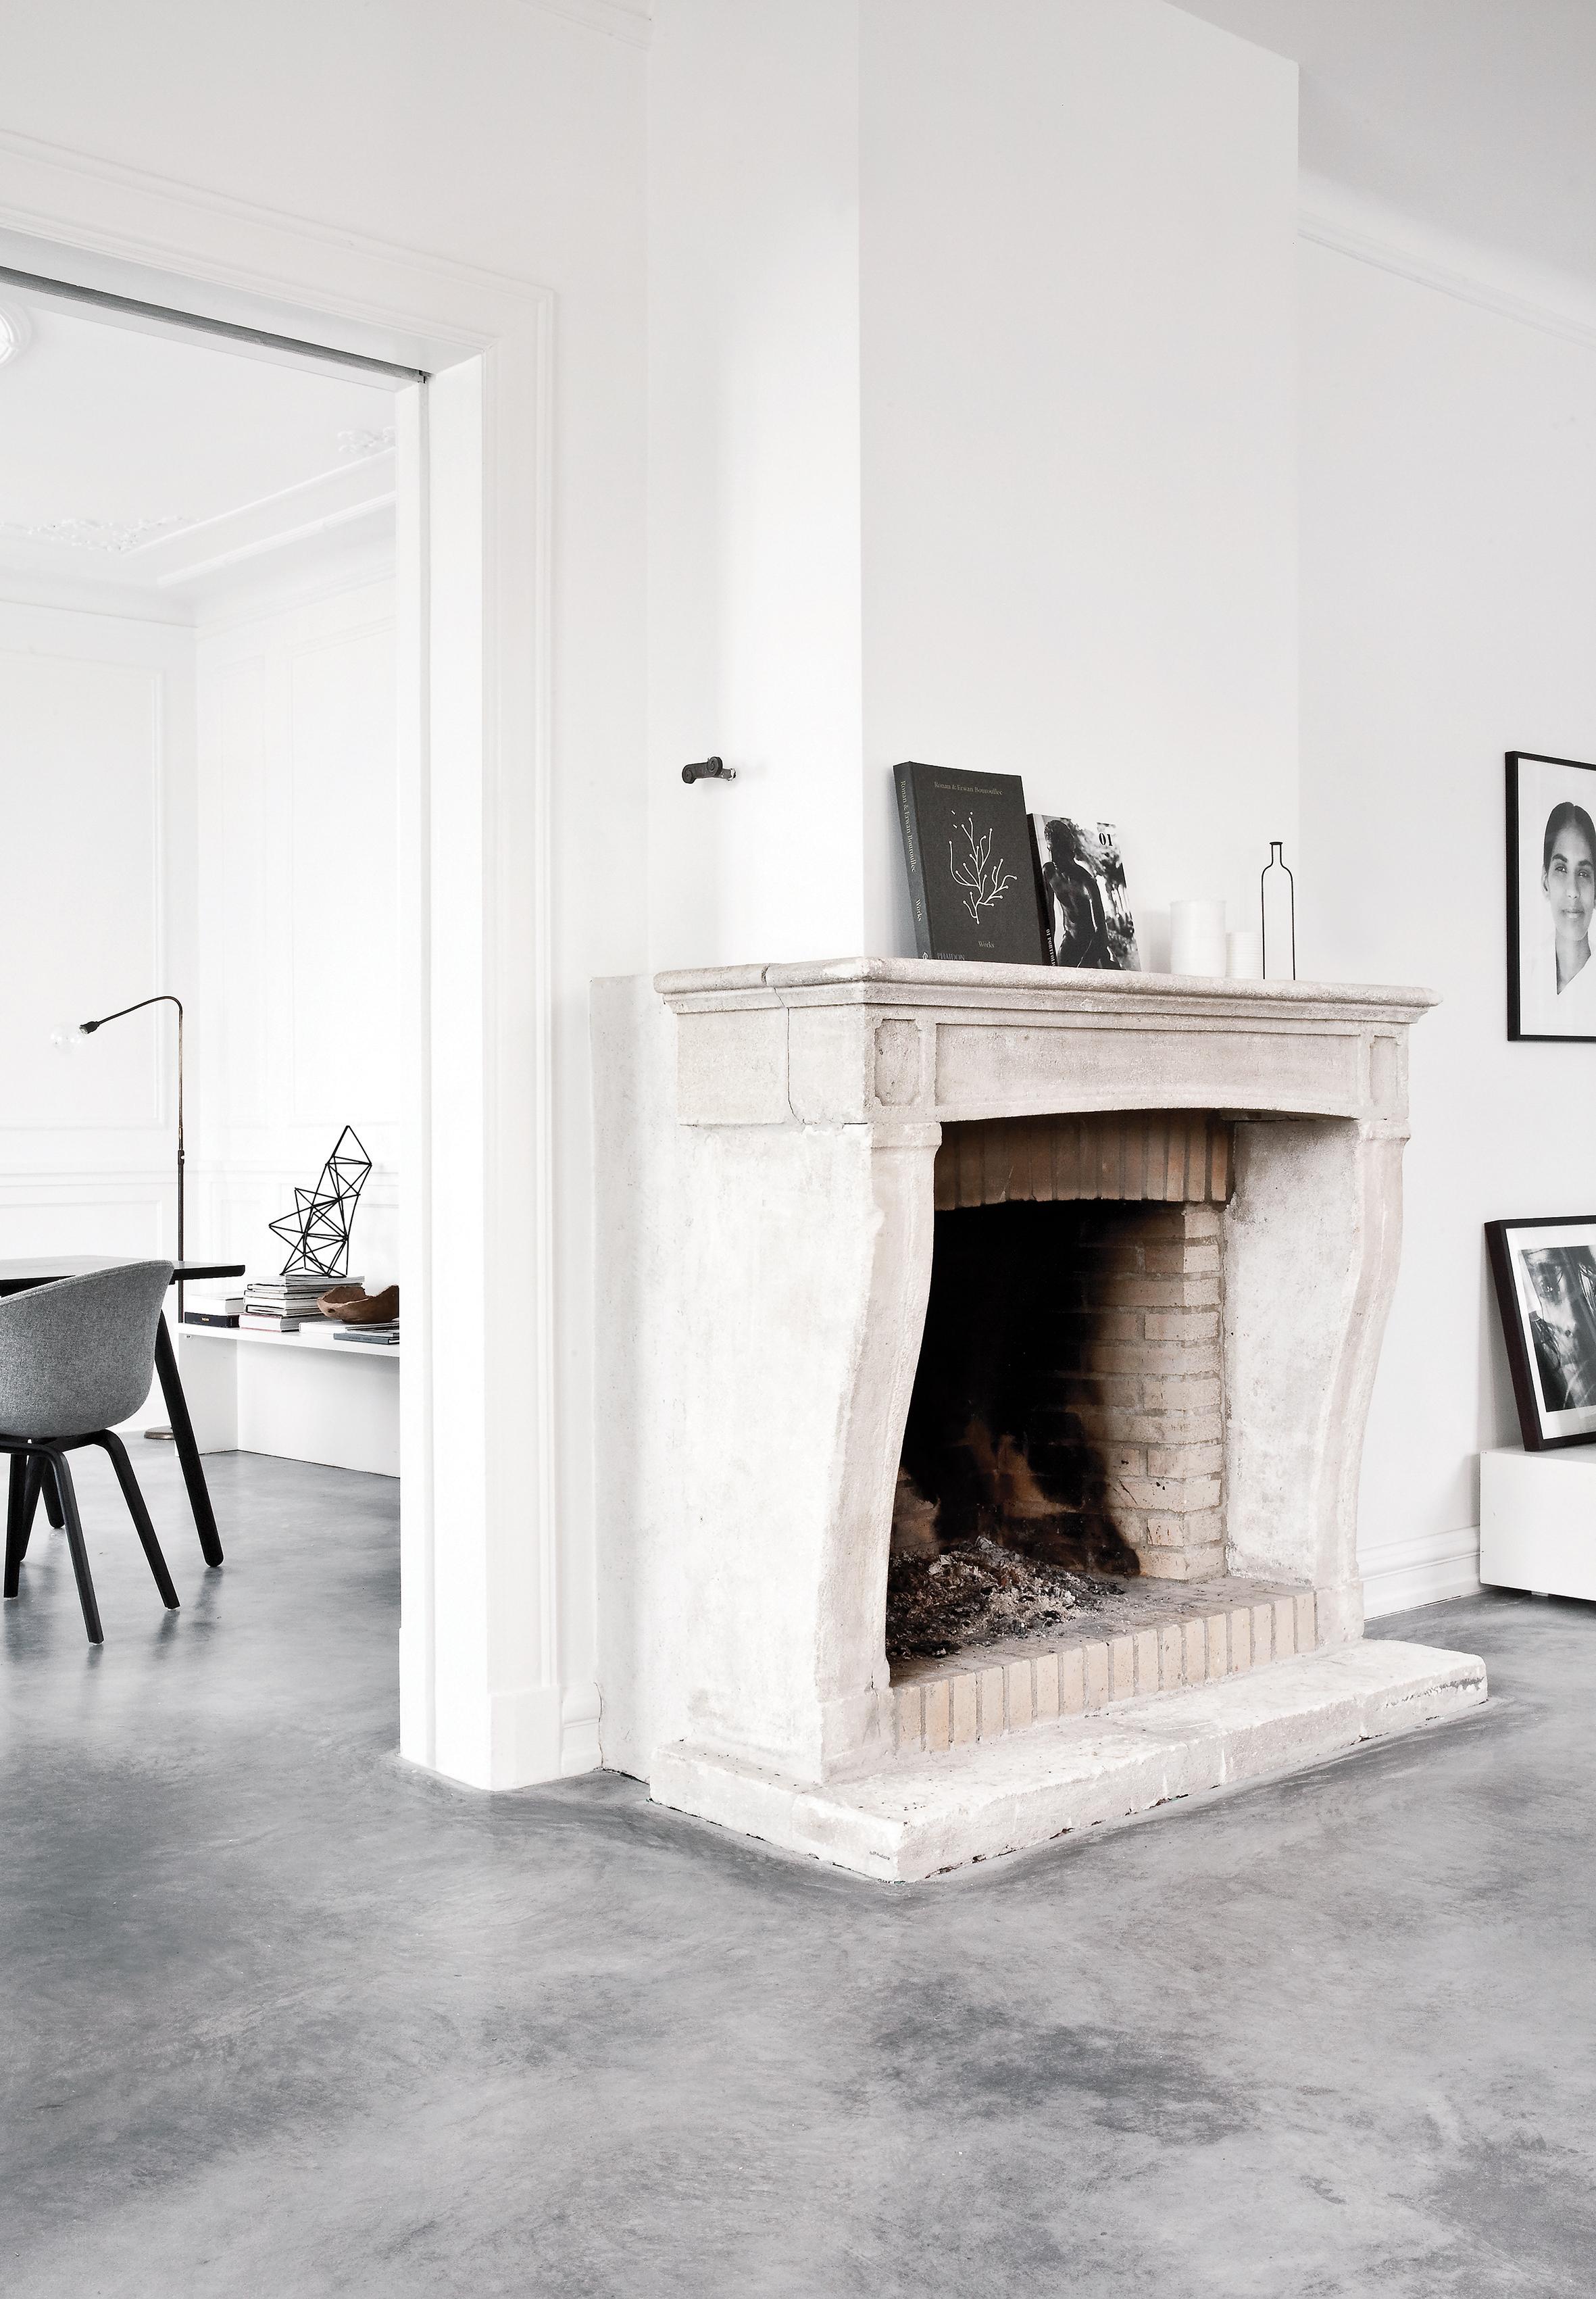 Vloerverwarming als alternatief voor radiatoren (beeld: Norm Architects)